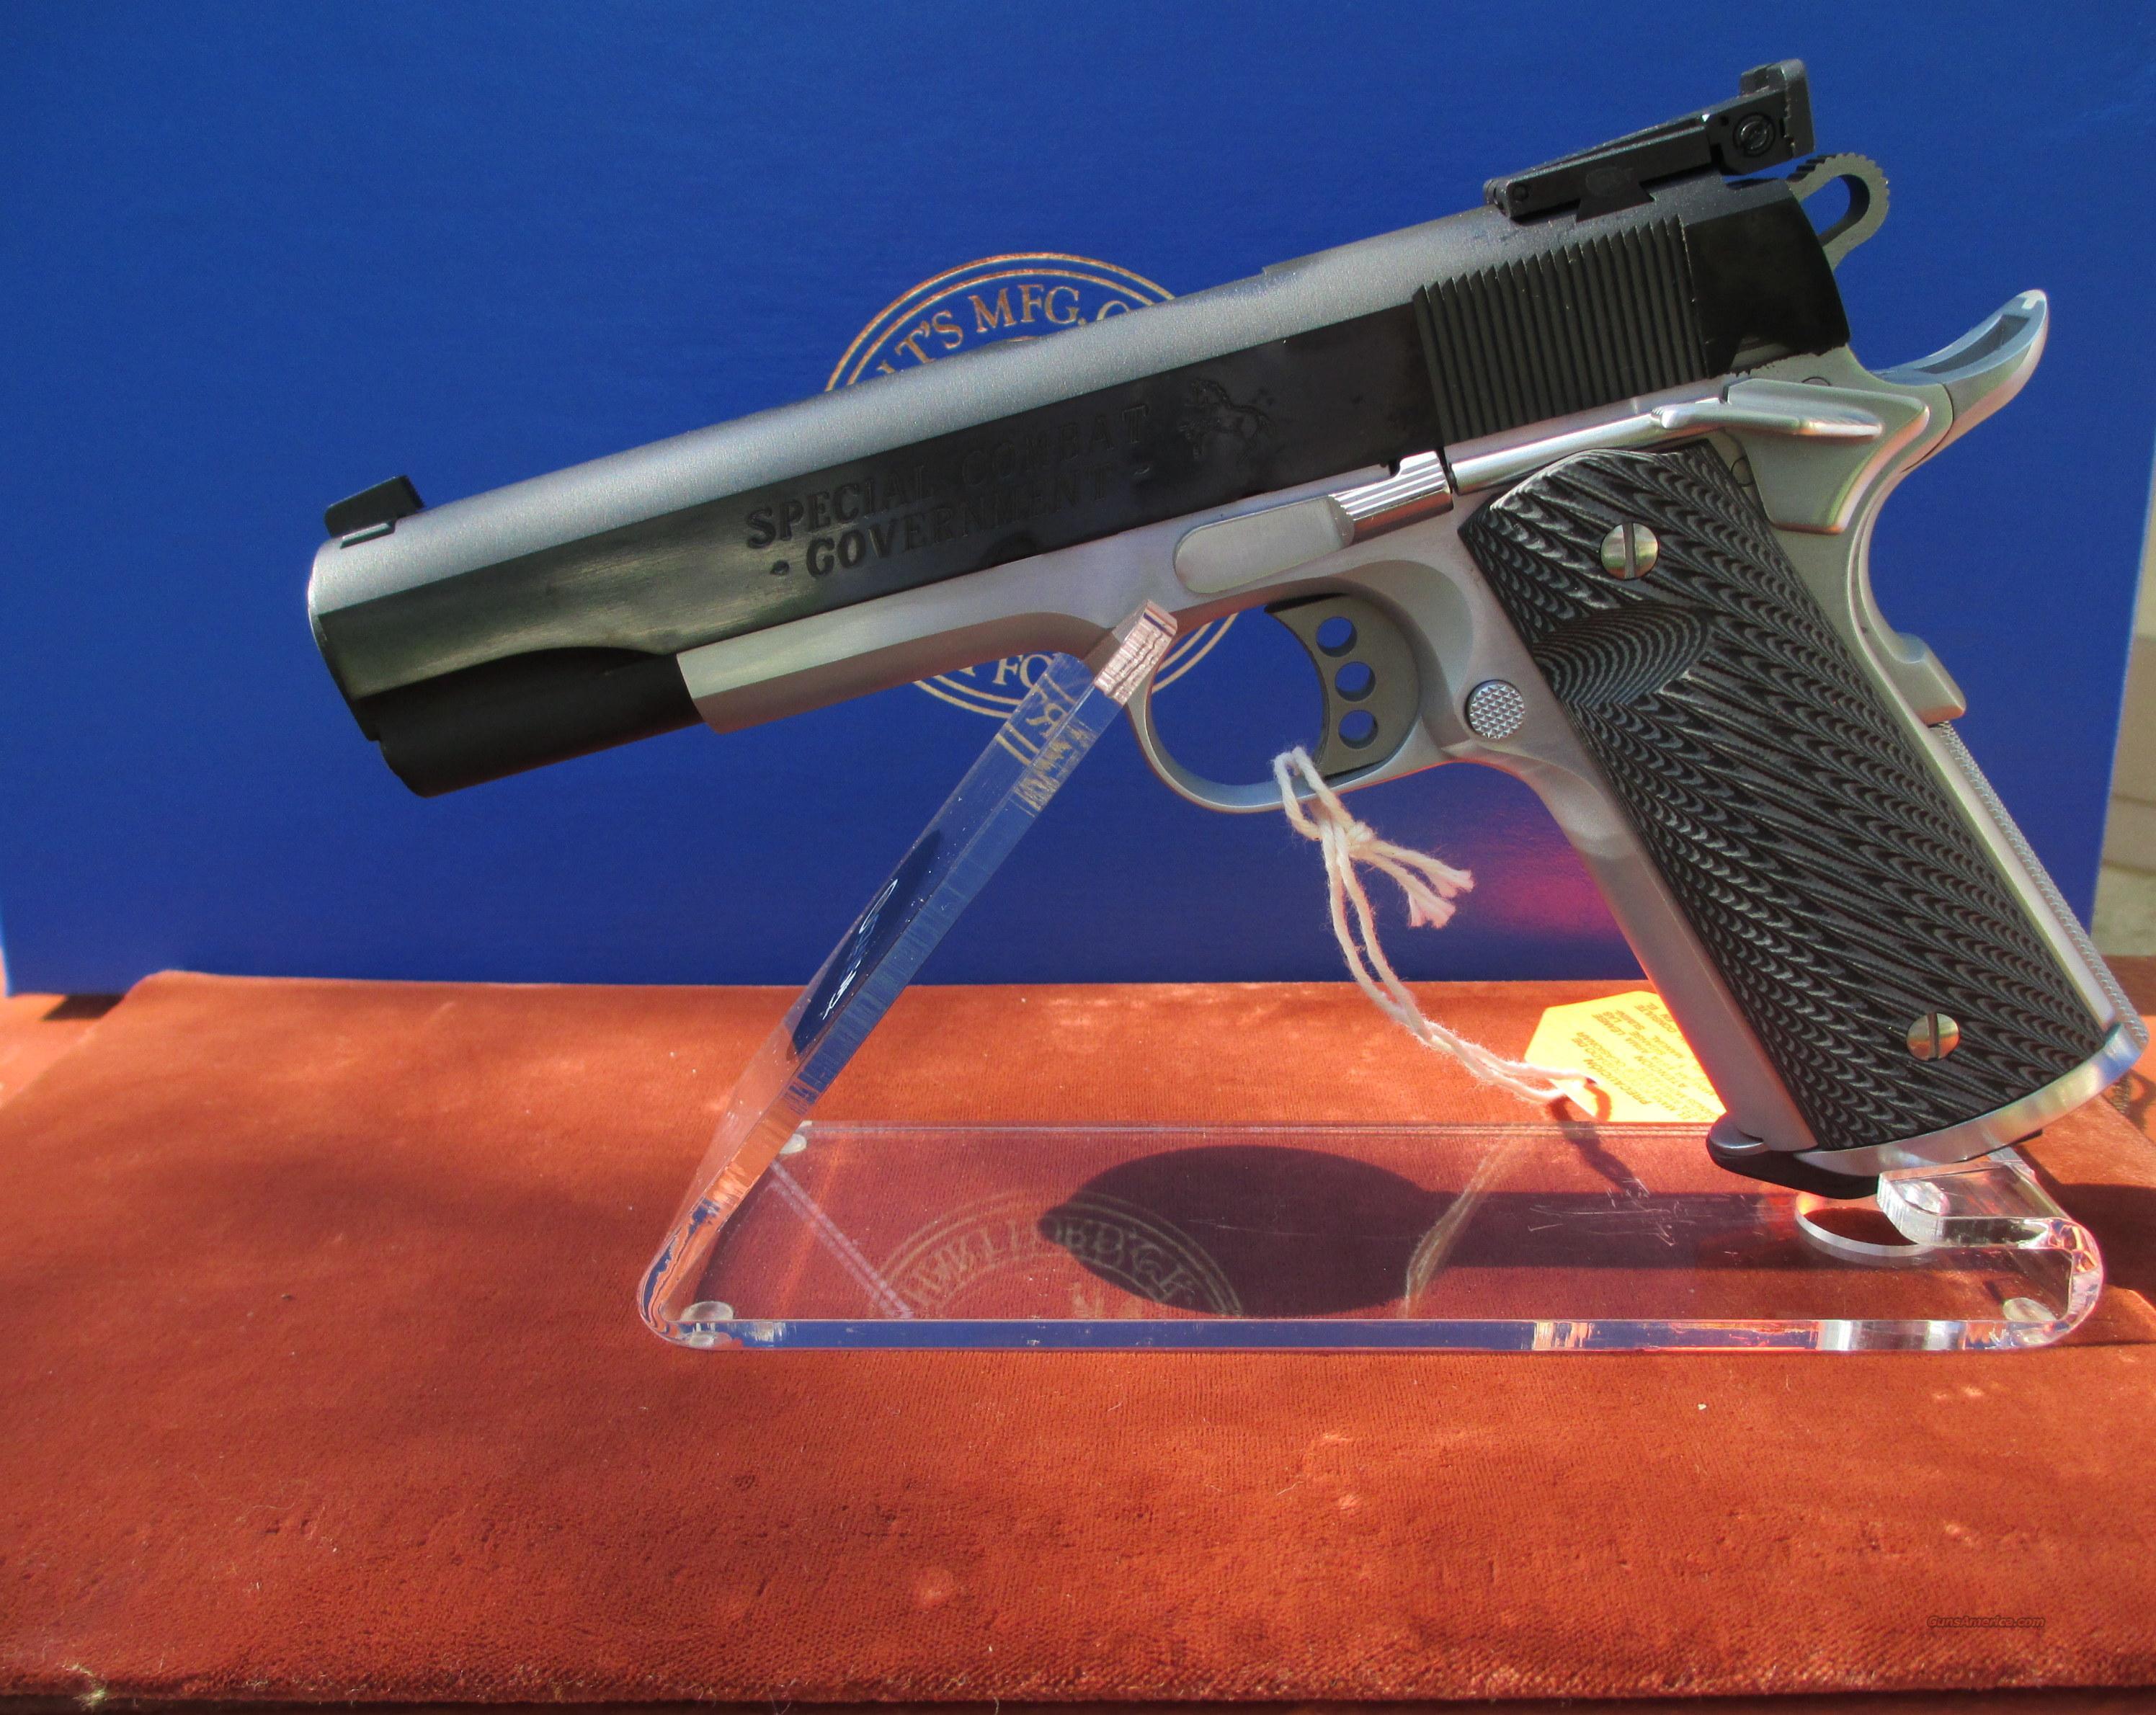 COLT SPECIAL COMBAT GOV'T COMPETITION MODEL O2580CM  Guns > Pistols > Colt Automatic Pistols (1911 & Var)